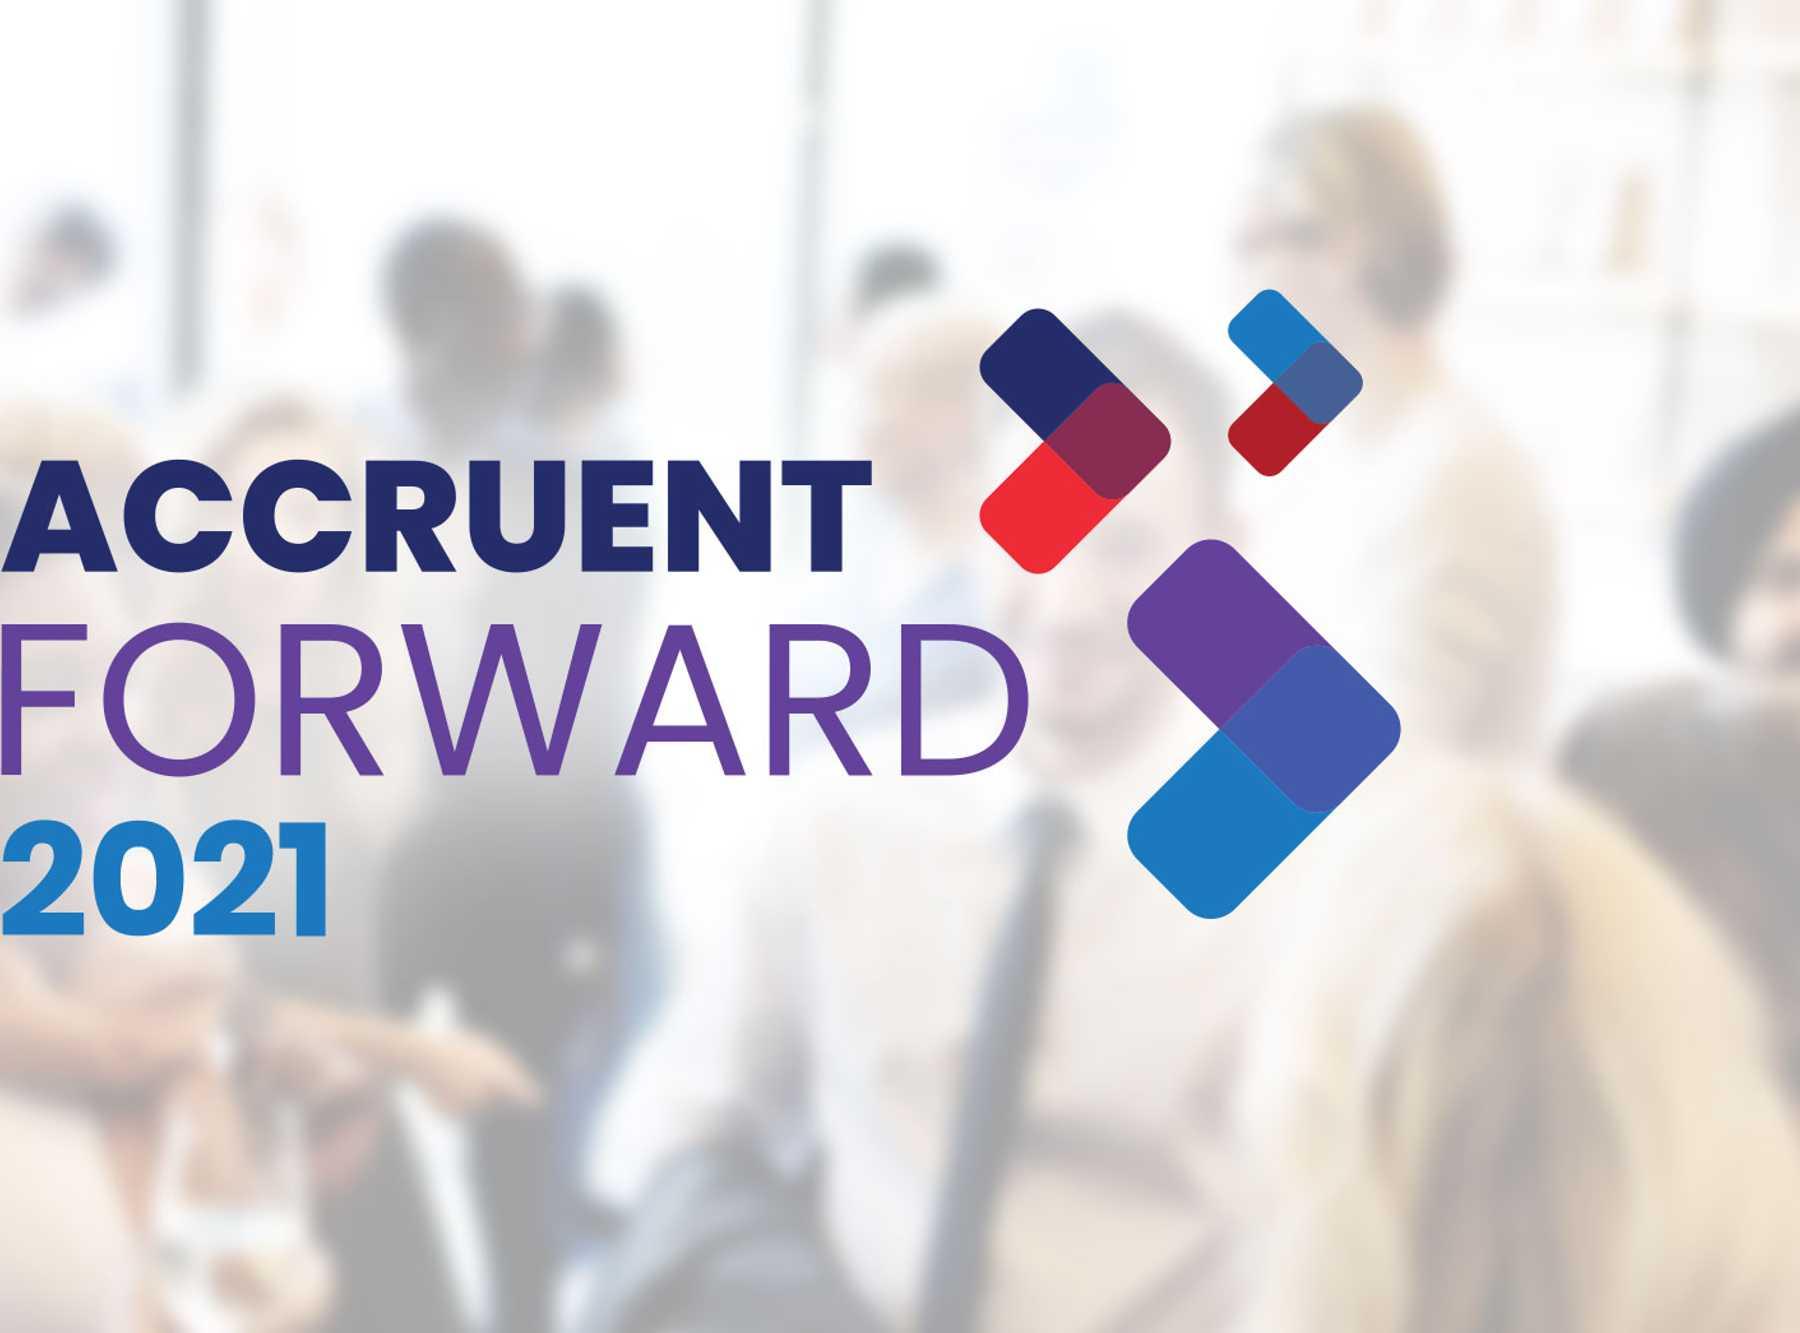 Accruent - Resources - Event - Accruent Forward vx Observe - Hero